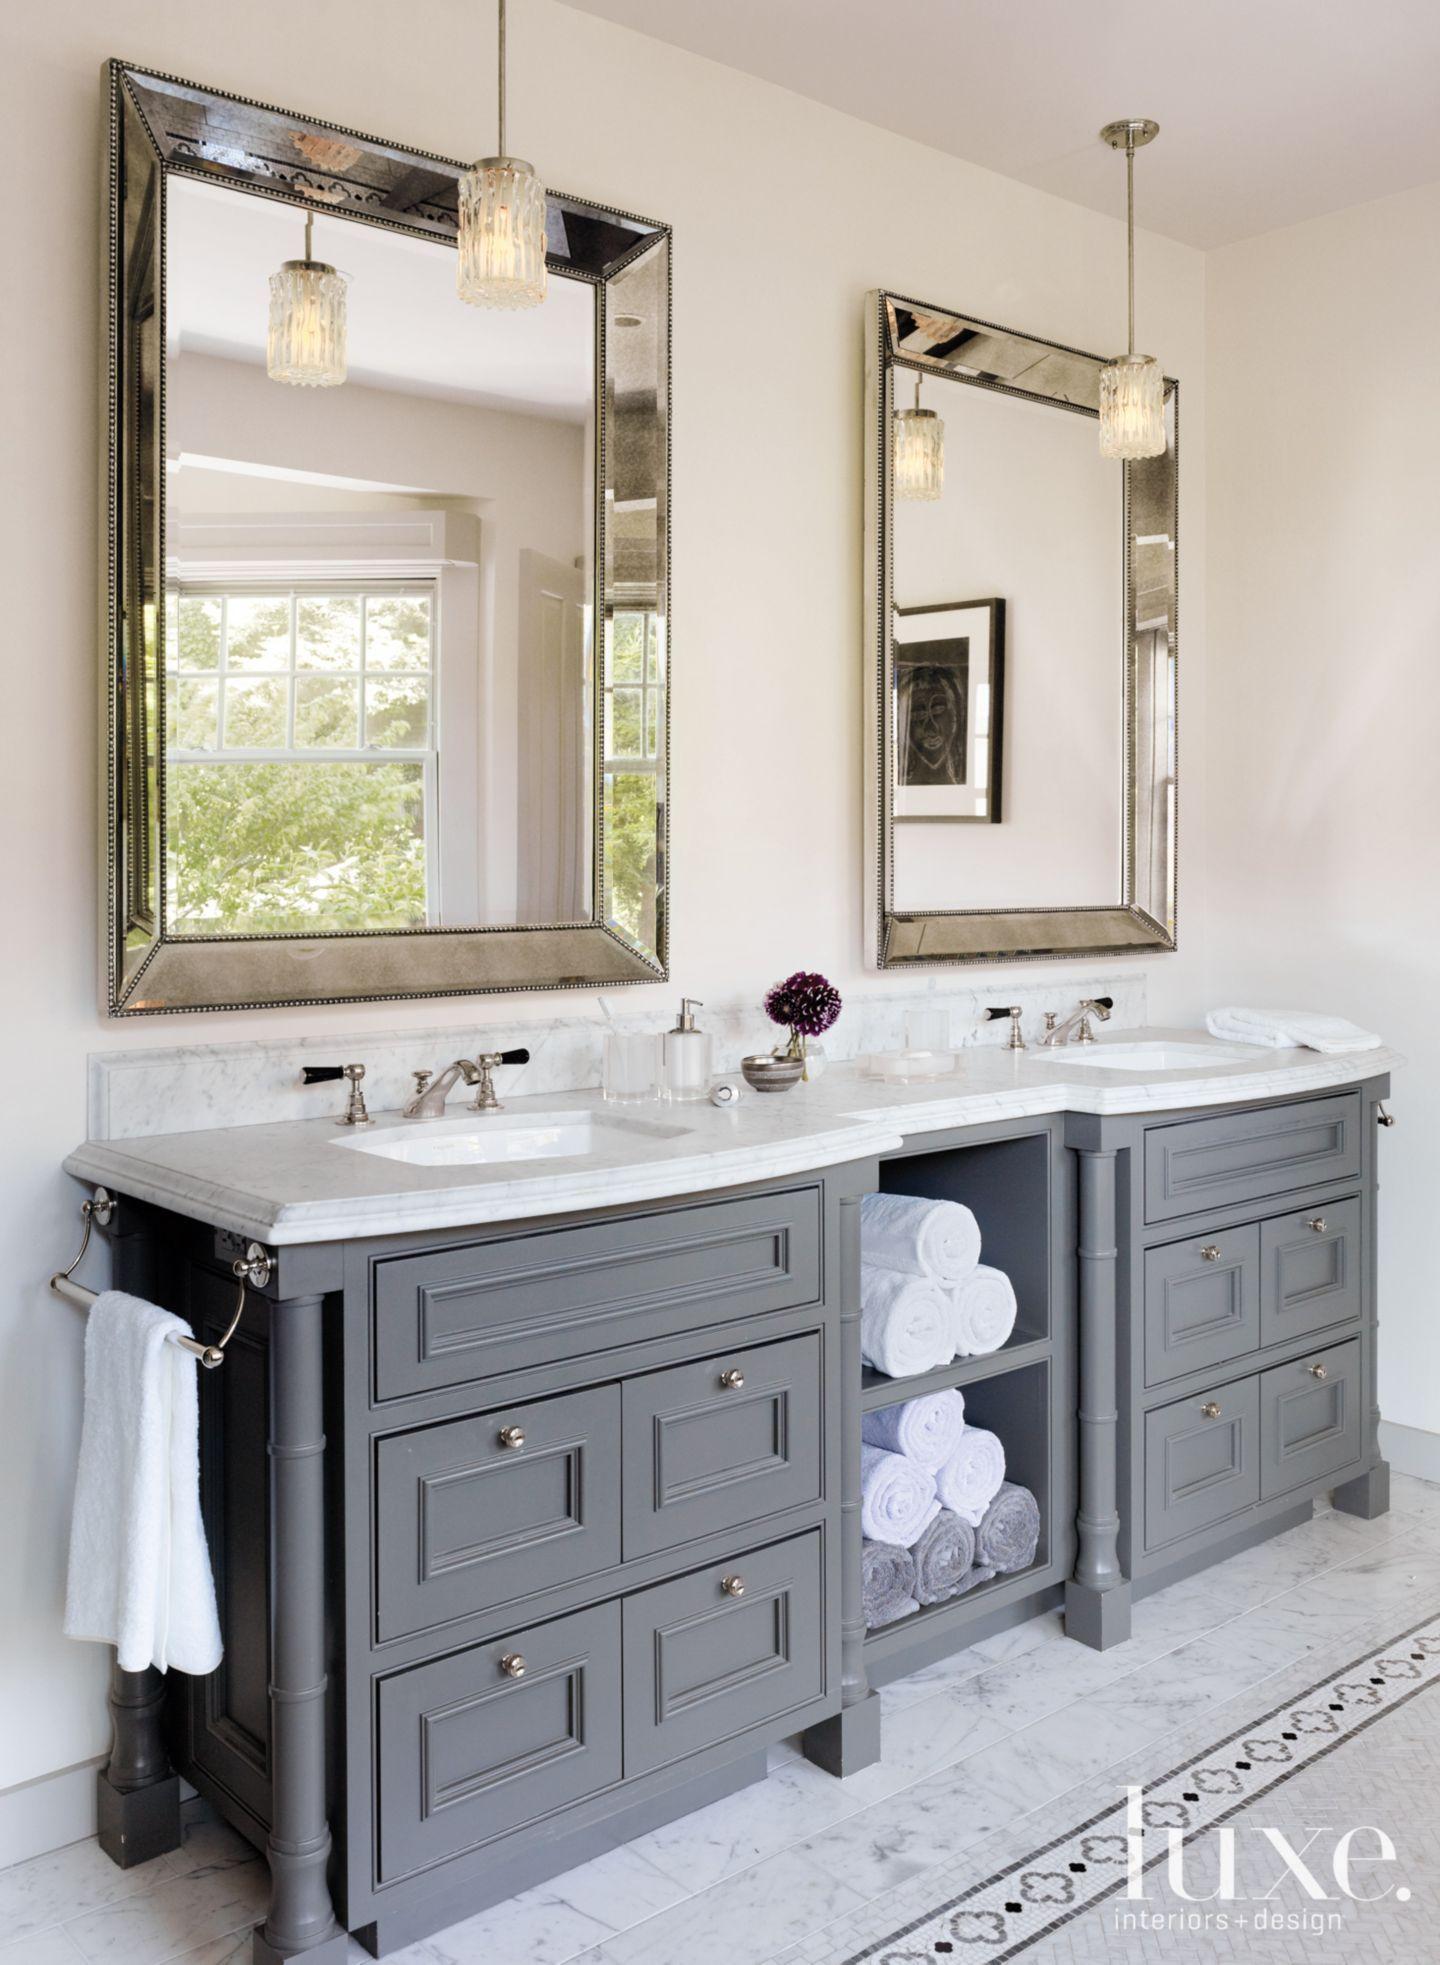 Double sink white bathroom vanities in the master bathroom rosenfeld hung a pair of midcentury nickel